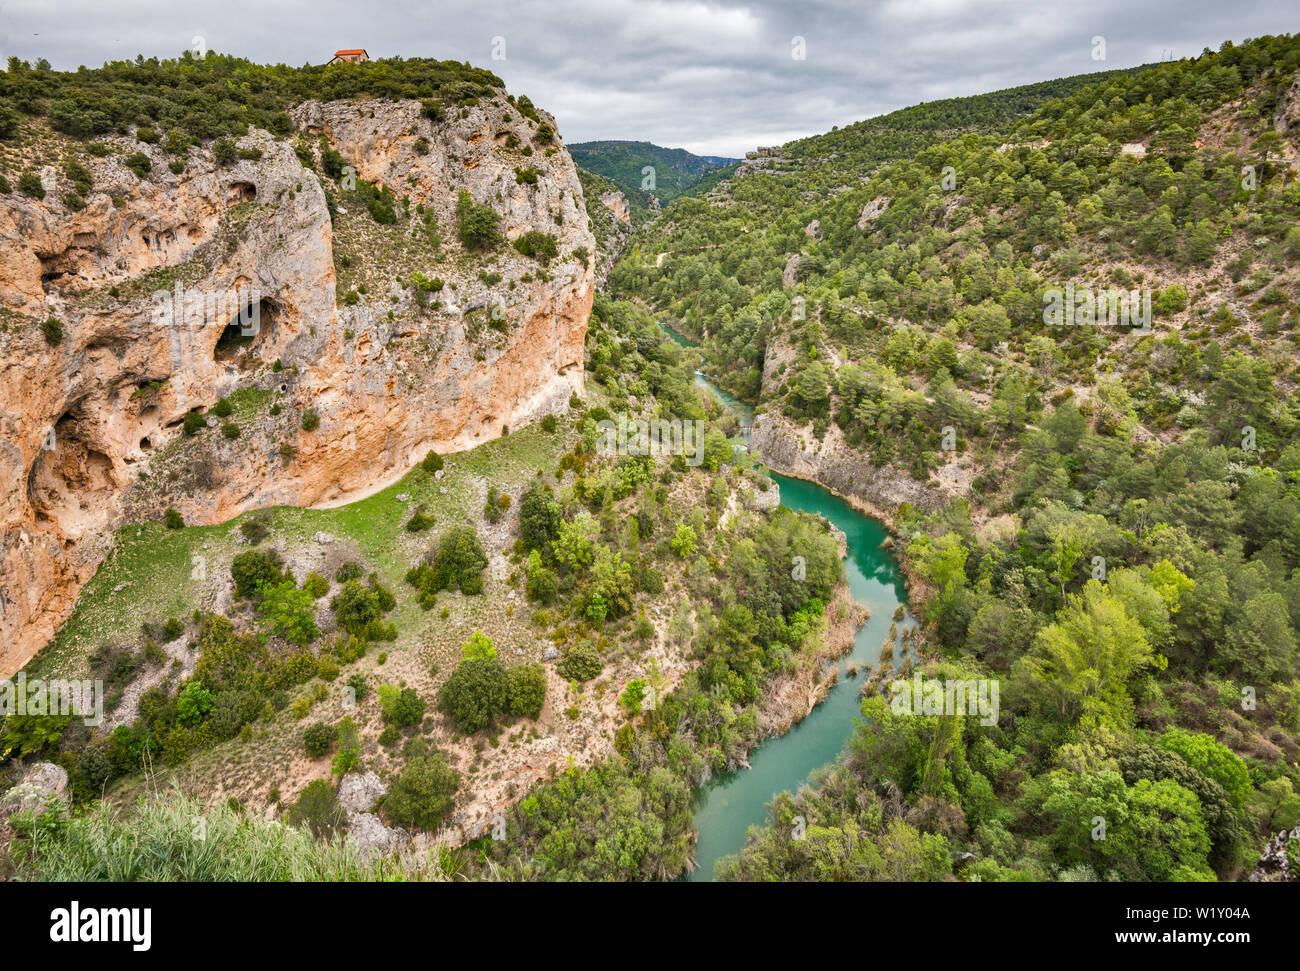 Ventano del Diablo (Devil's Window), mirador de Barranco del Júcar, Serranía de Cuenca, cordillera cerca de Cuenca, Castilla-La Mancha, Spain Foto de stock